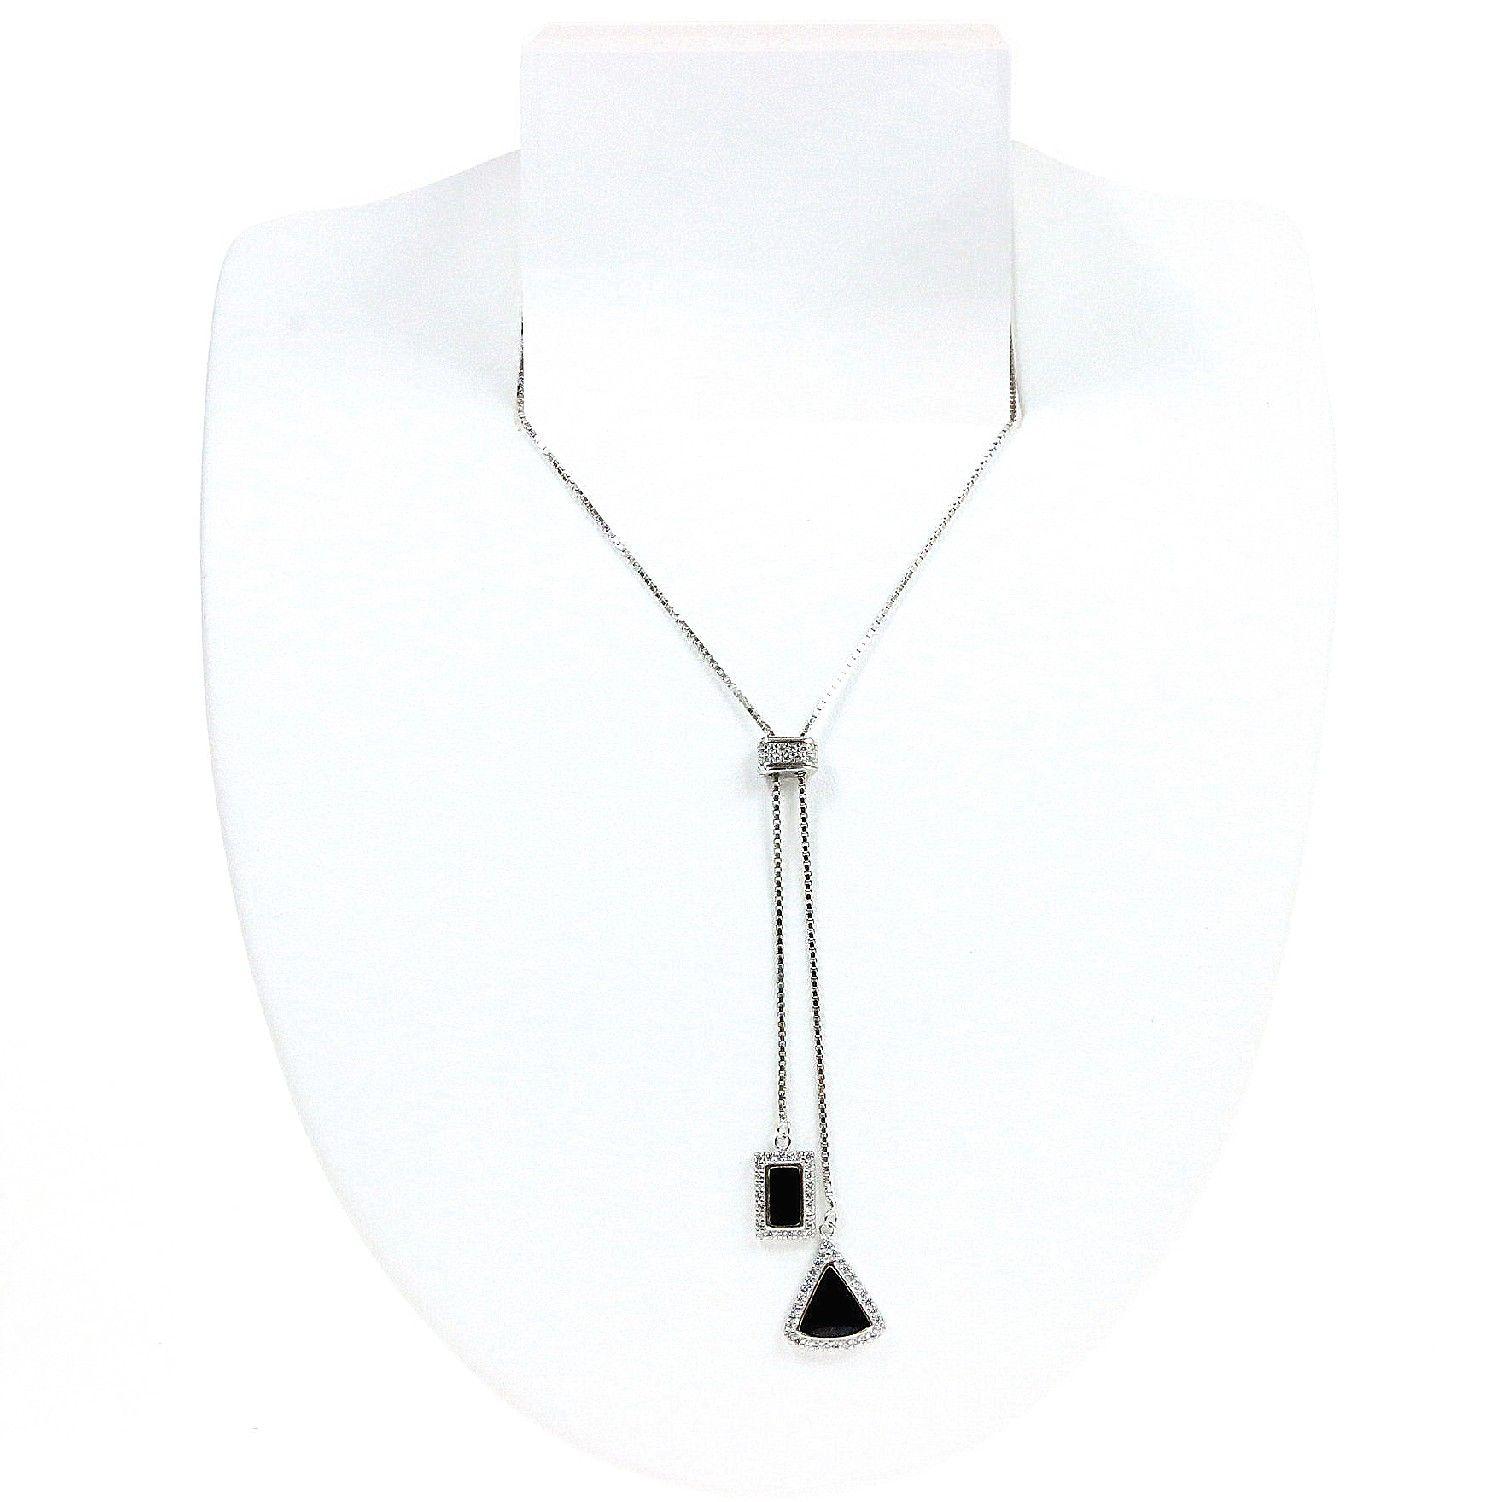 e70d4110a7 Biżuteria damska ze srebra SAXO Naszyjnik srebrny SŁ.065.01 - 140